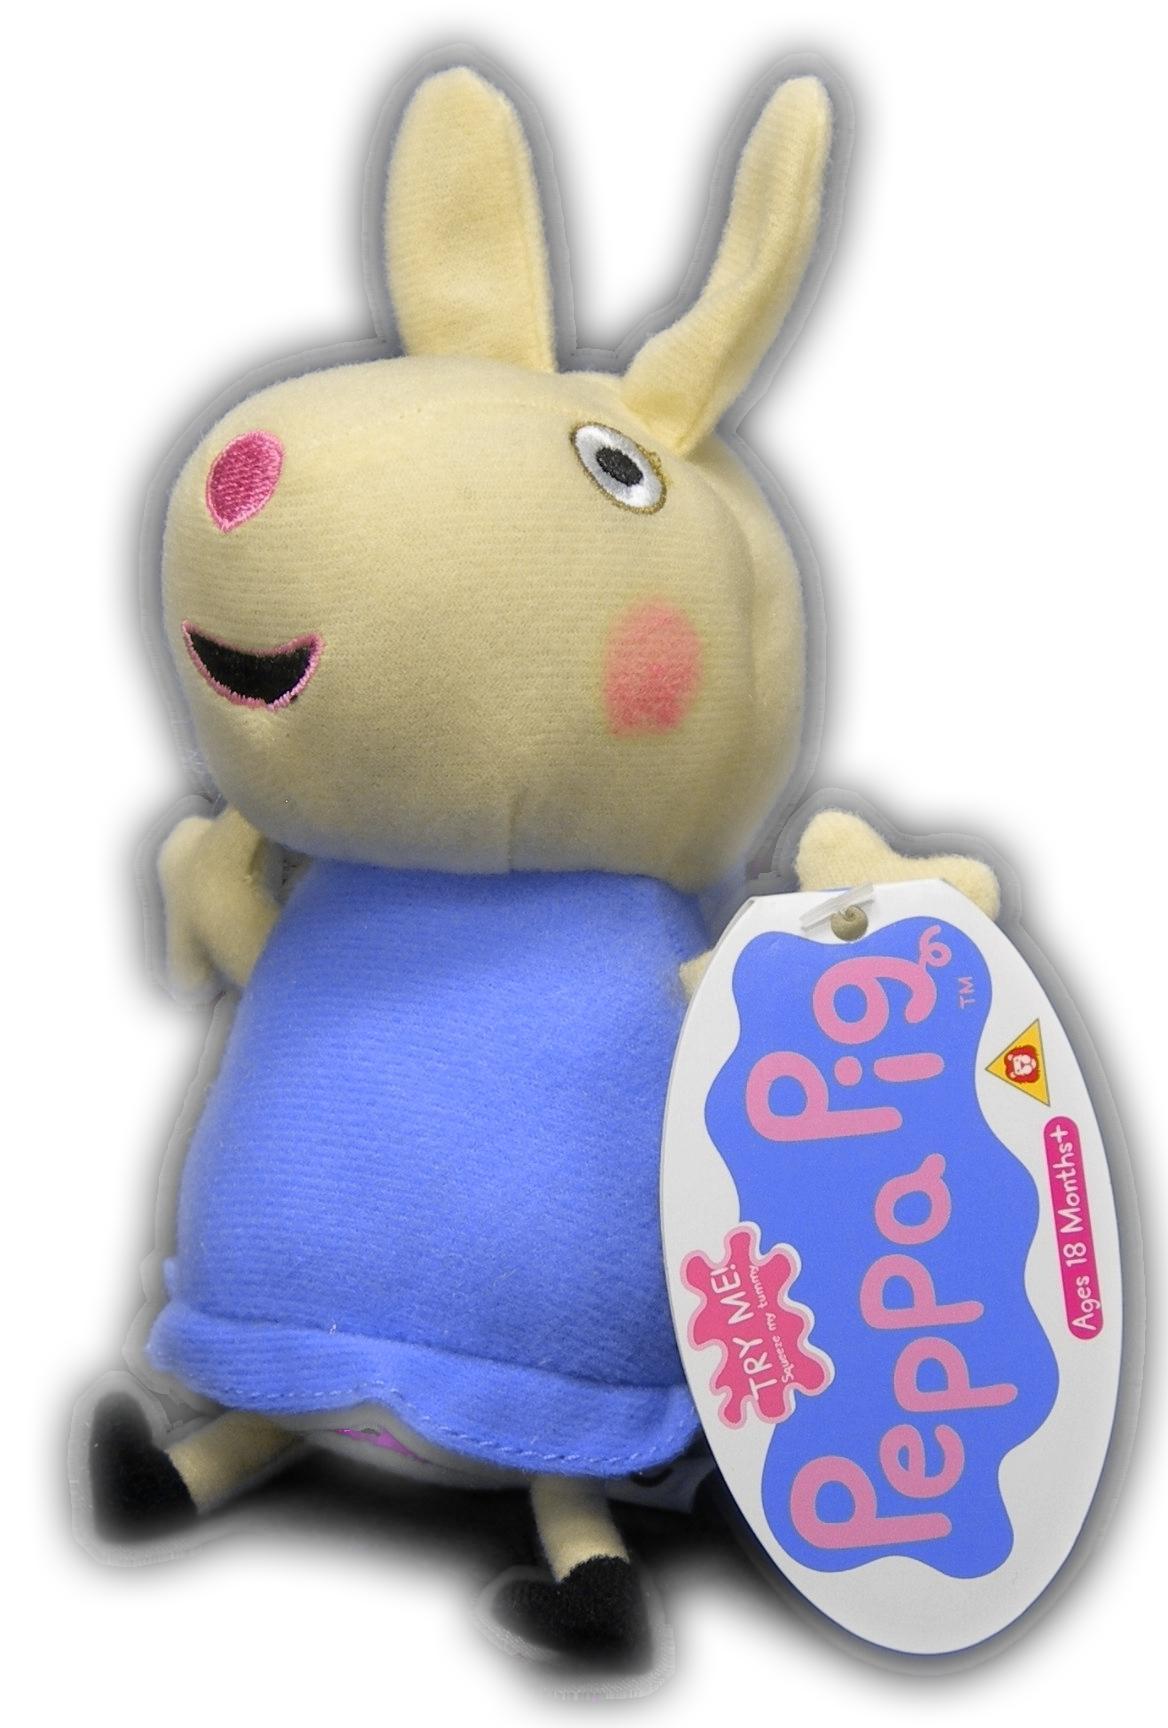 Peppa Pig a amici peluche sonoro 18 cm Originale Parla Suzy Rebecca Originale